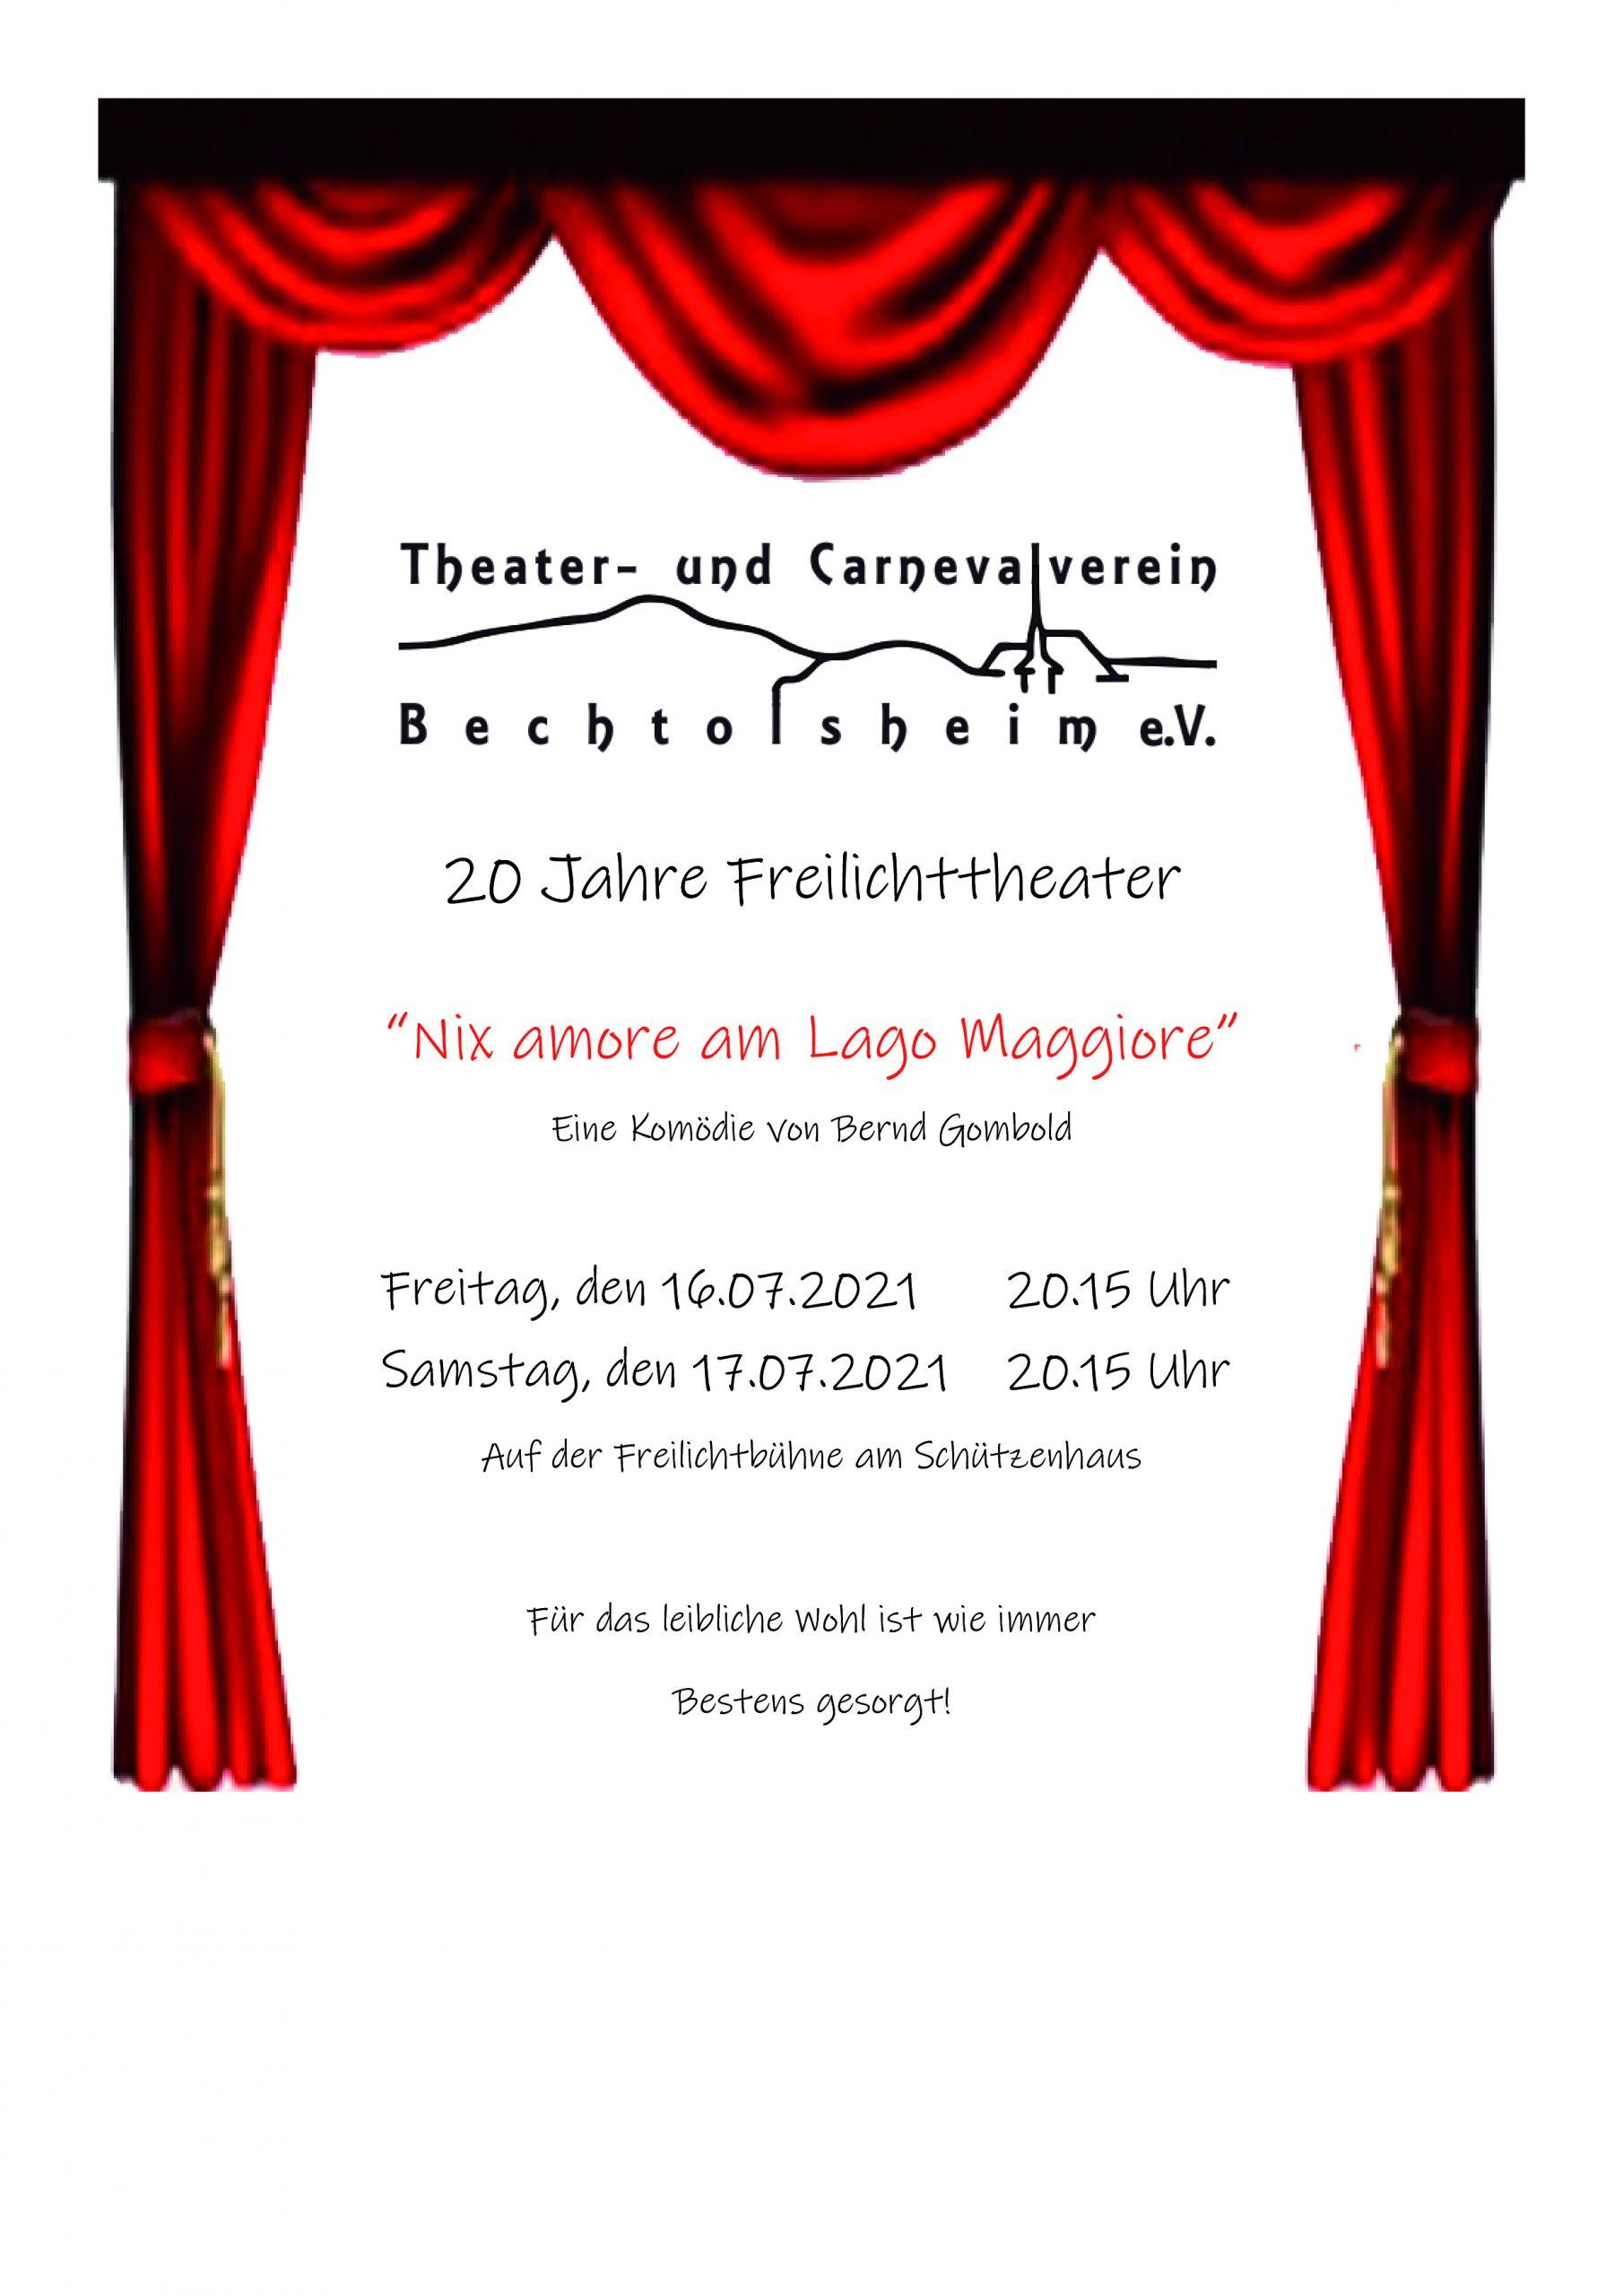 Freilichttheater 2021, Nix amore am Lago Maggiore, auf der Freilichtbühne am Schützenhaus.